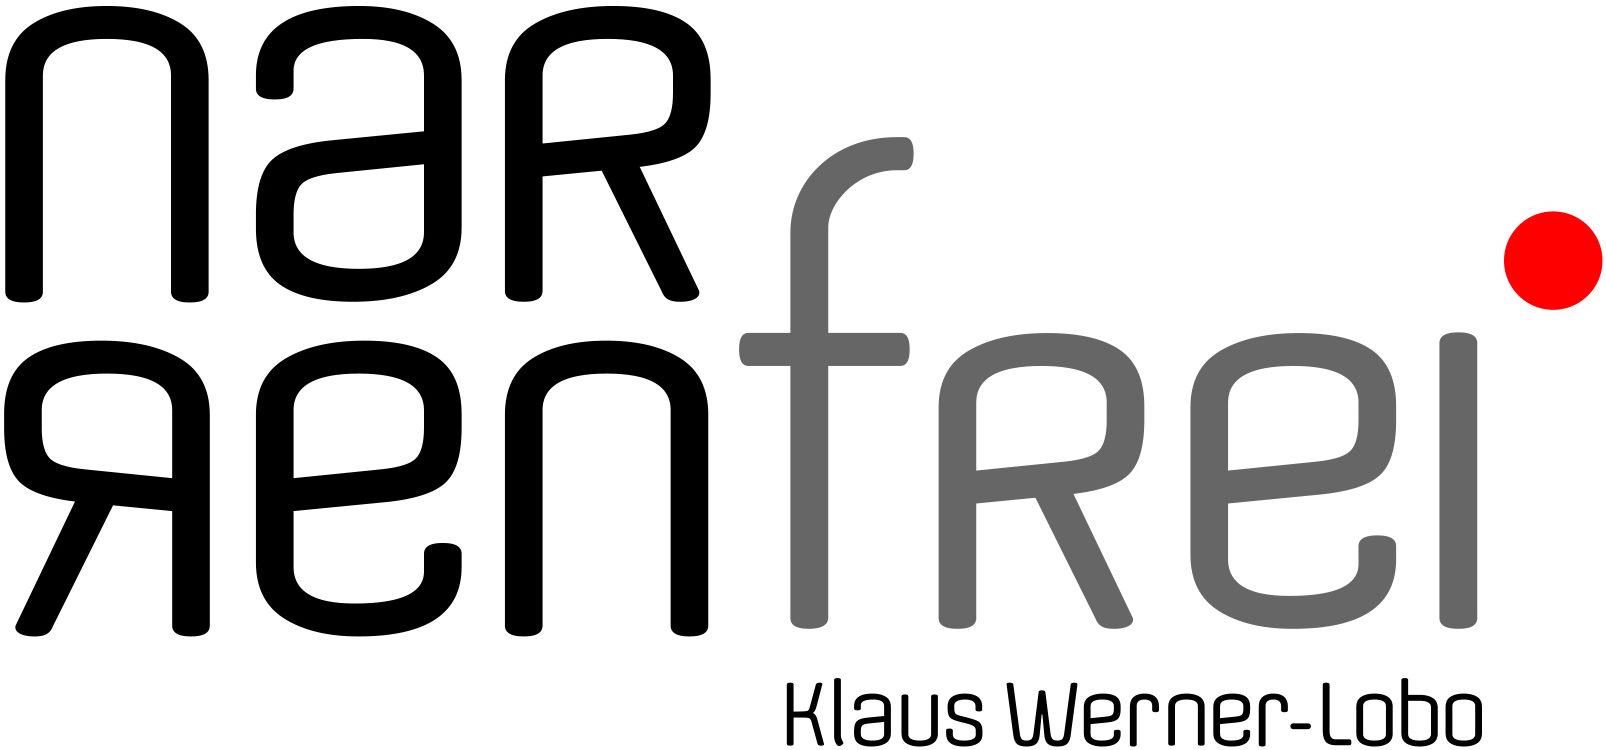 Klaus Werner-Lobo: Workshops und Coaching